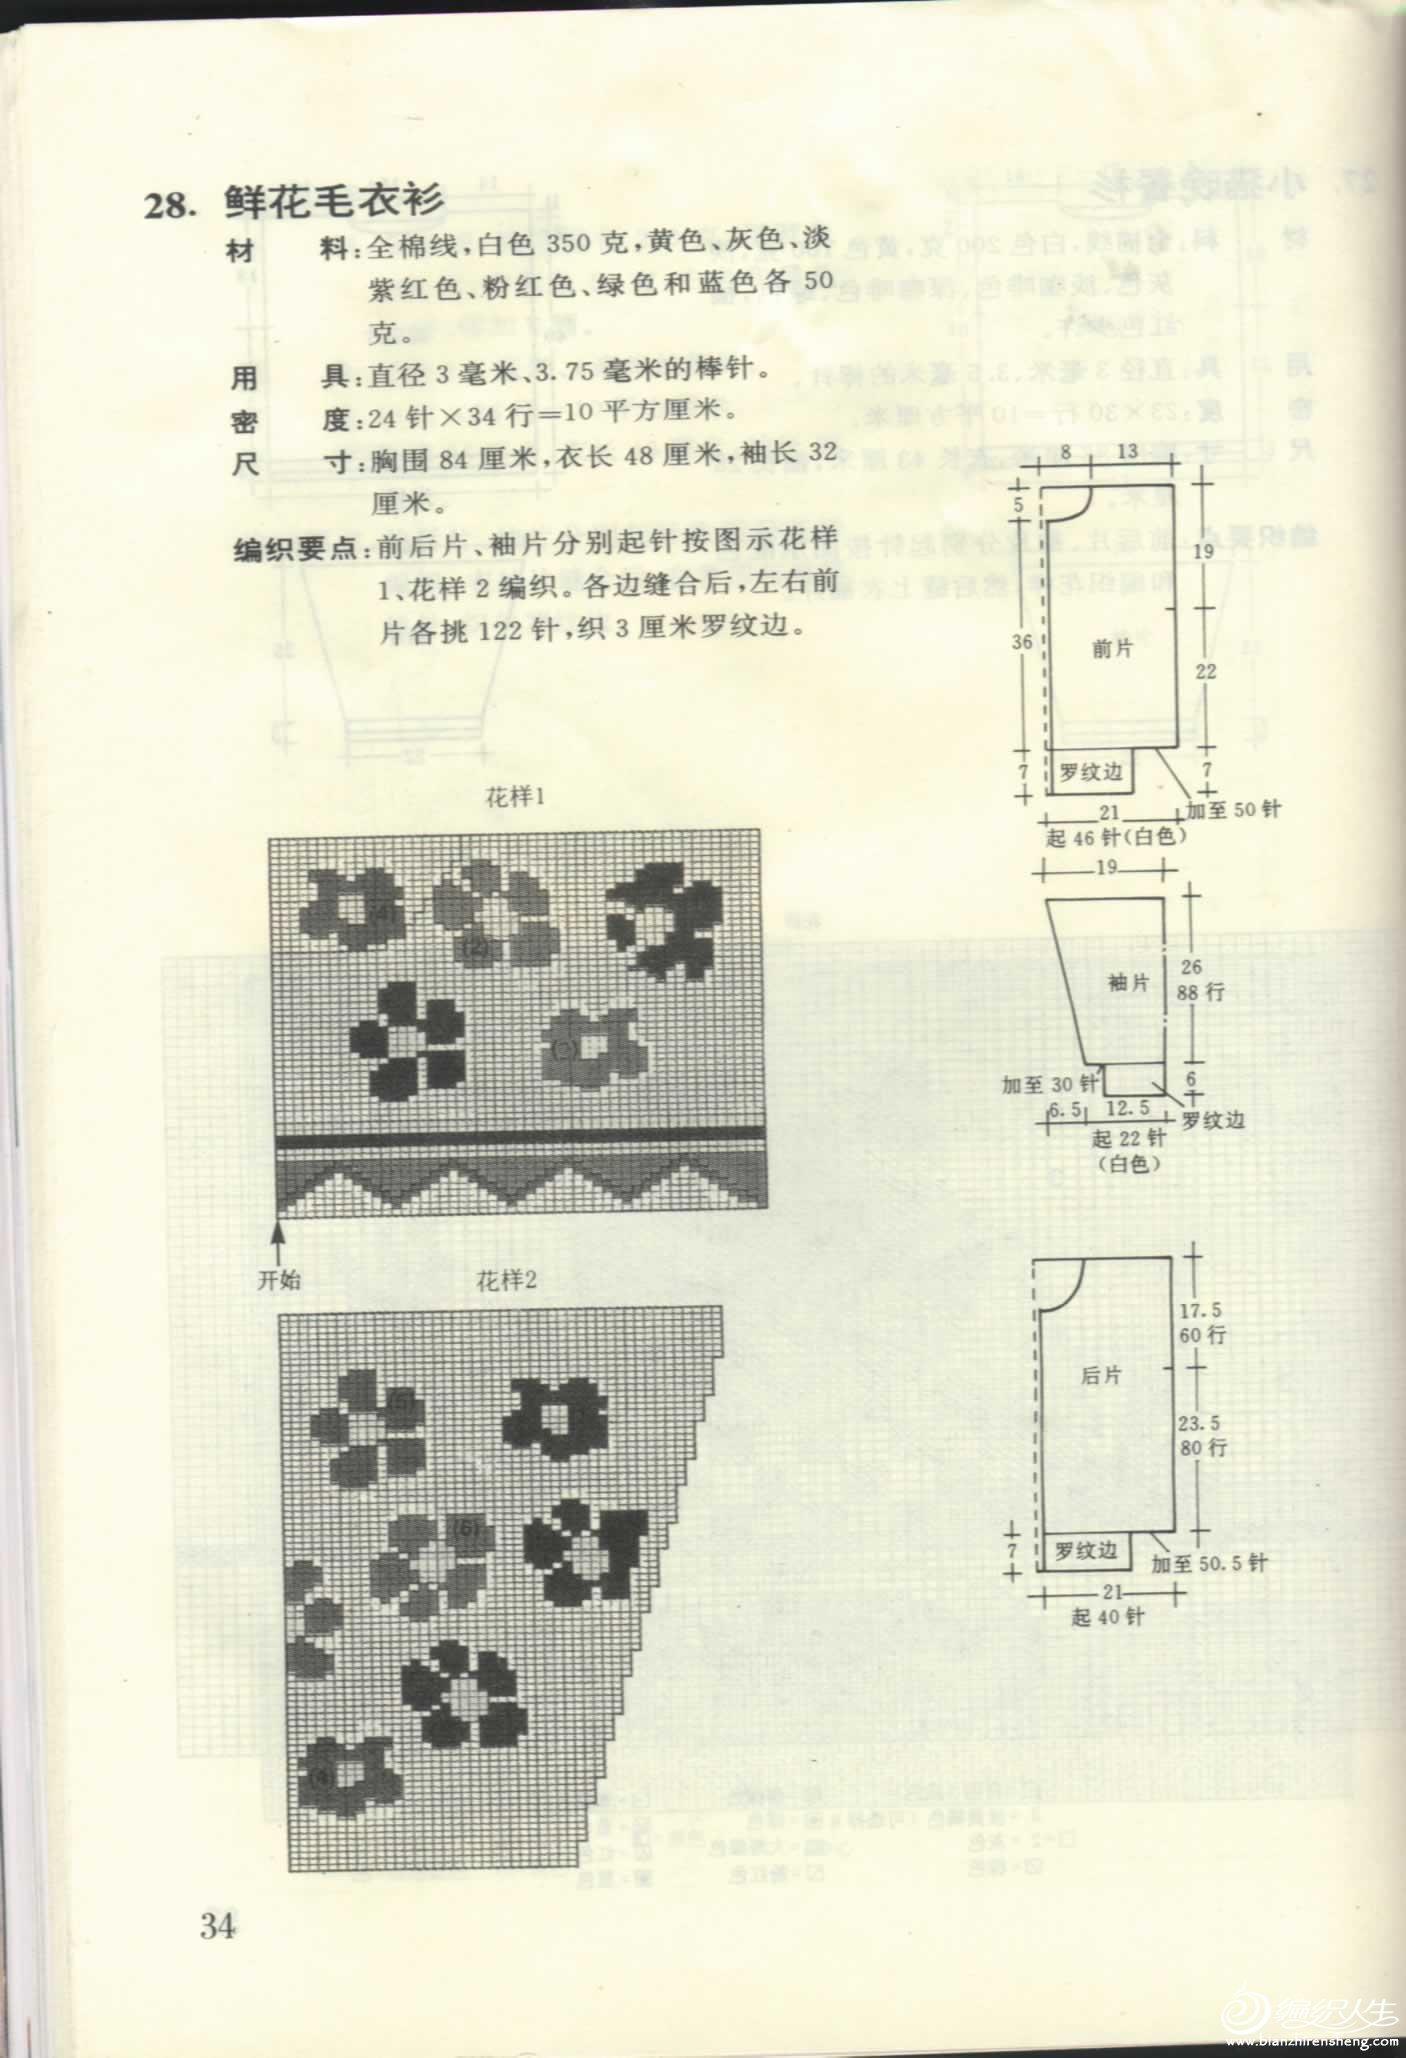 33_19112.jpg